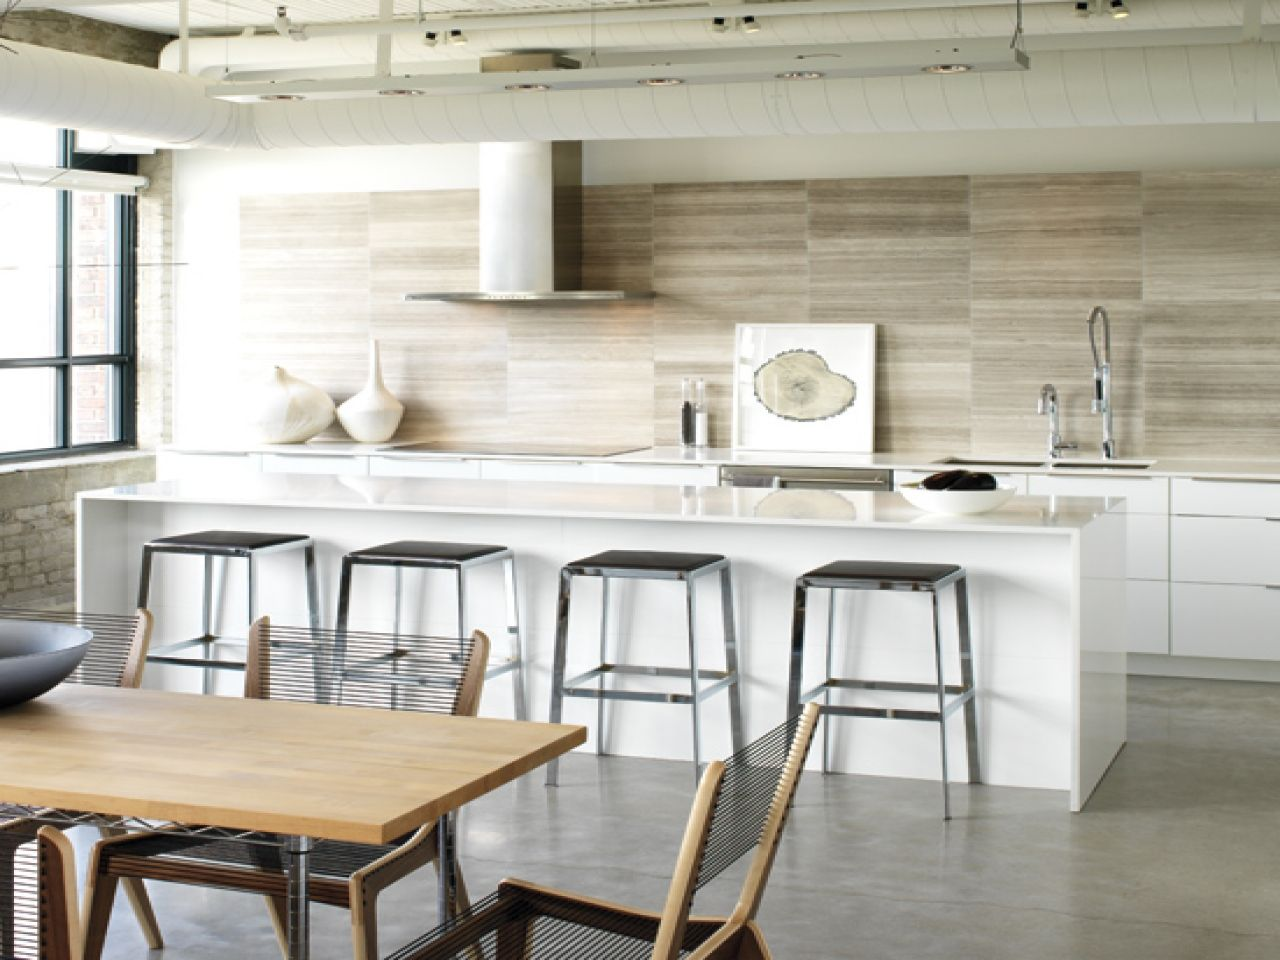 Industrial Kitchen Backsplash Ideas Industrial Interior Kitchen